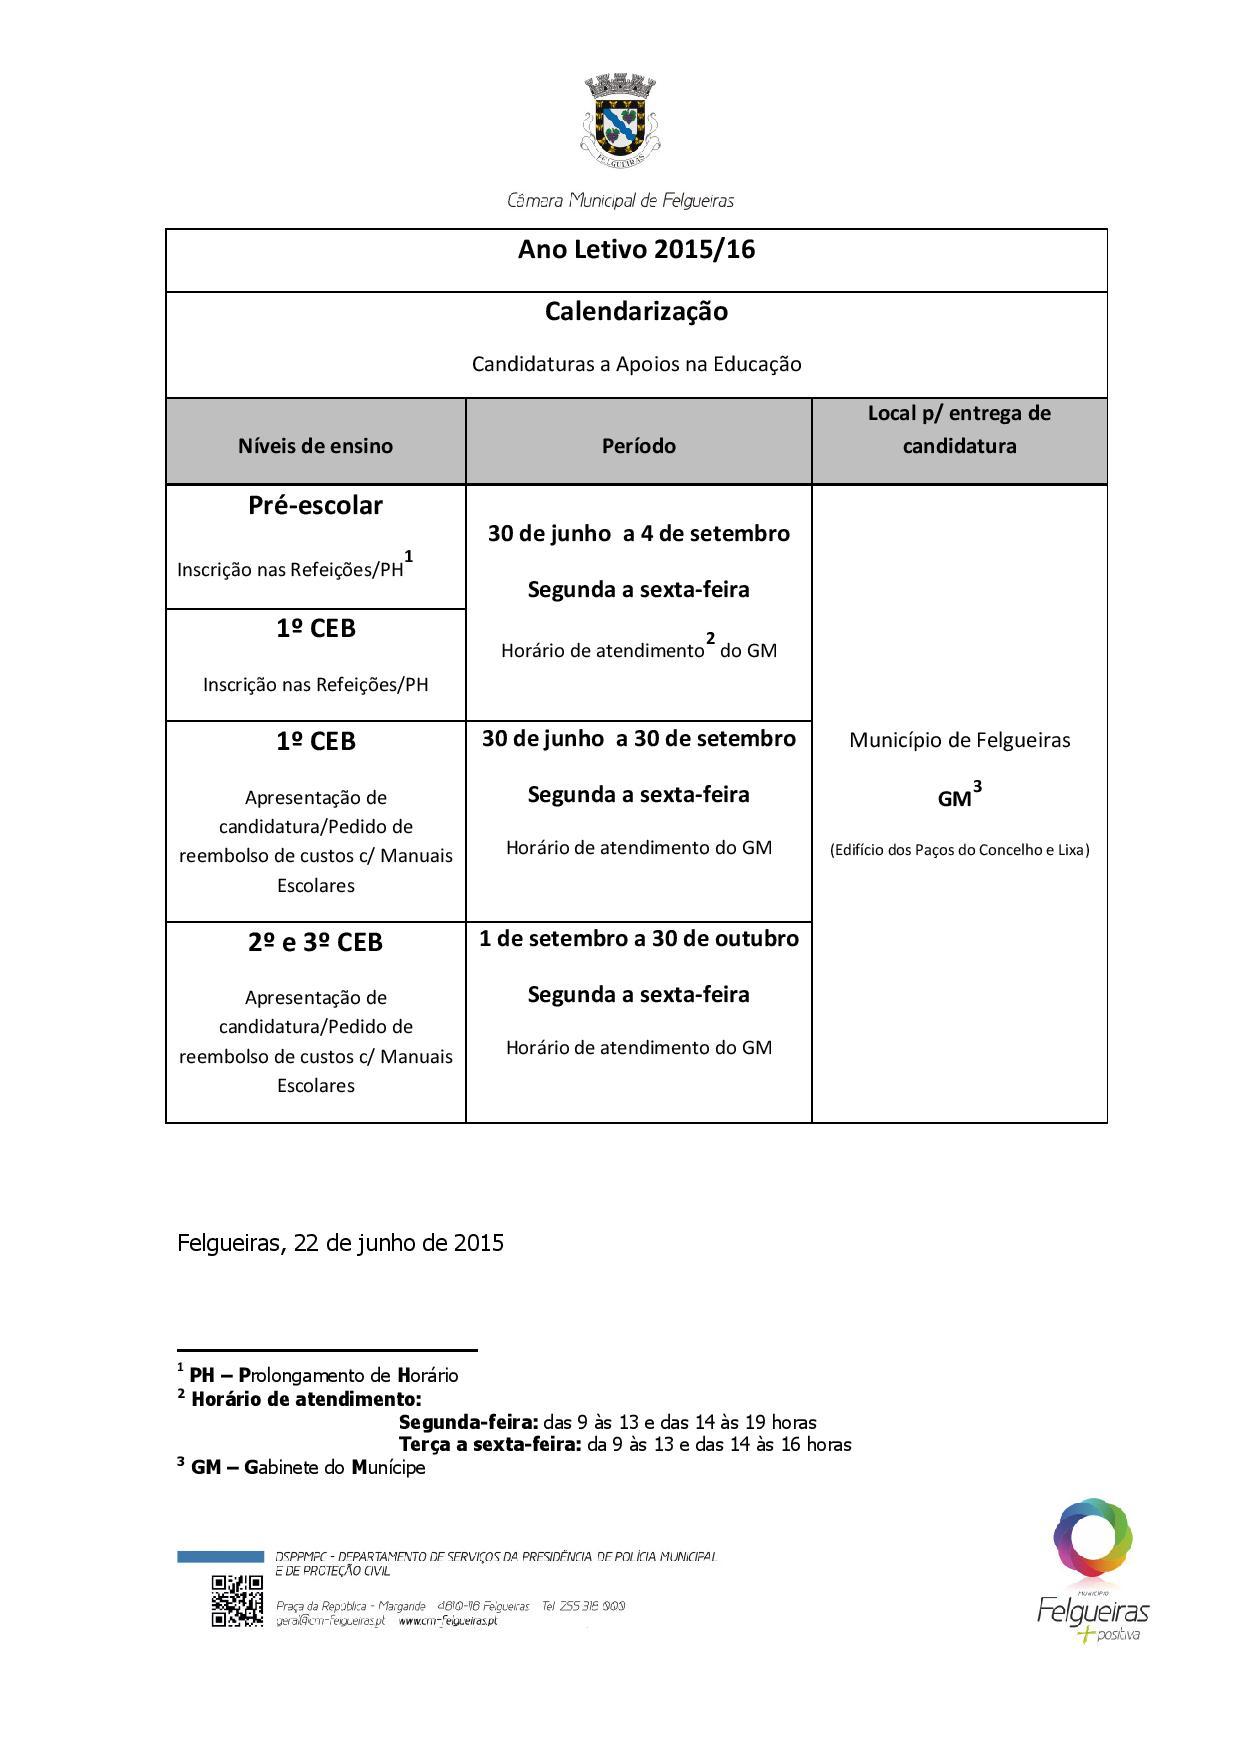 calendcandidaturas-a-apoios-na-educacao-2015-2016-page-001